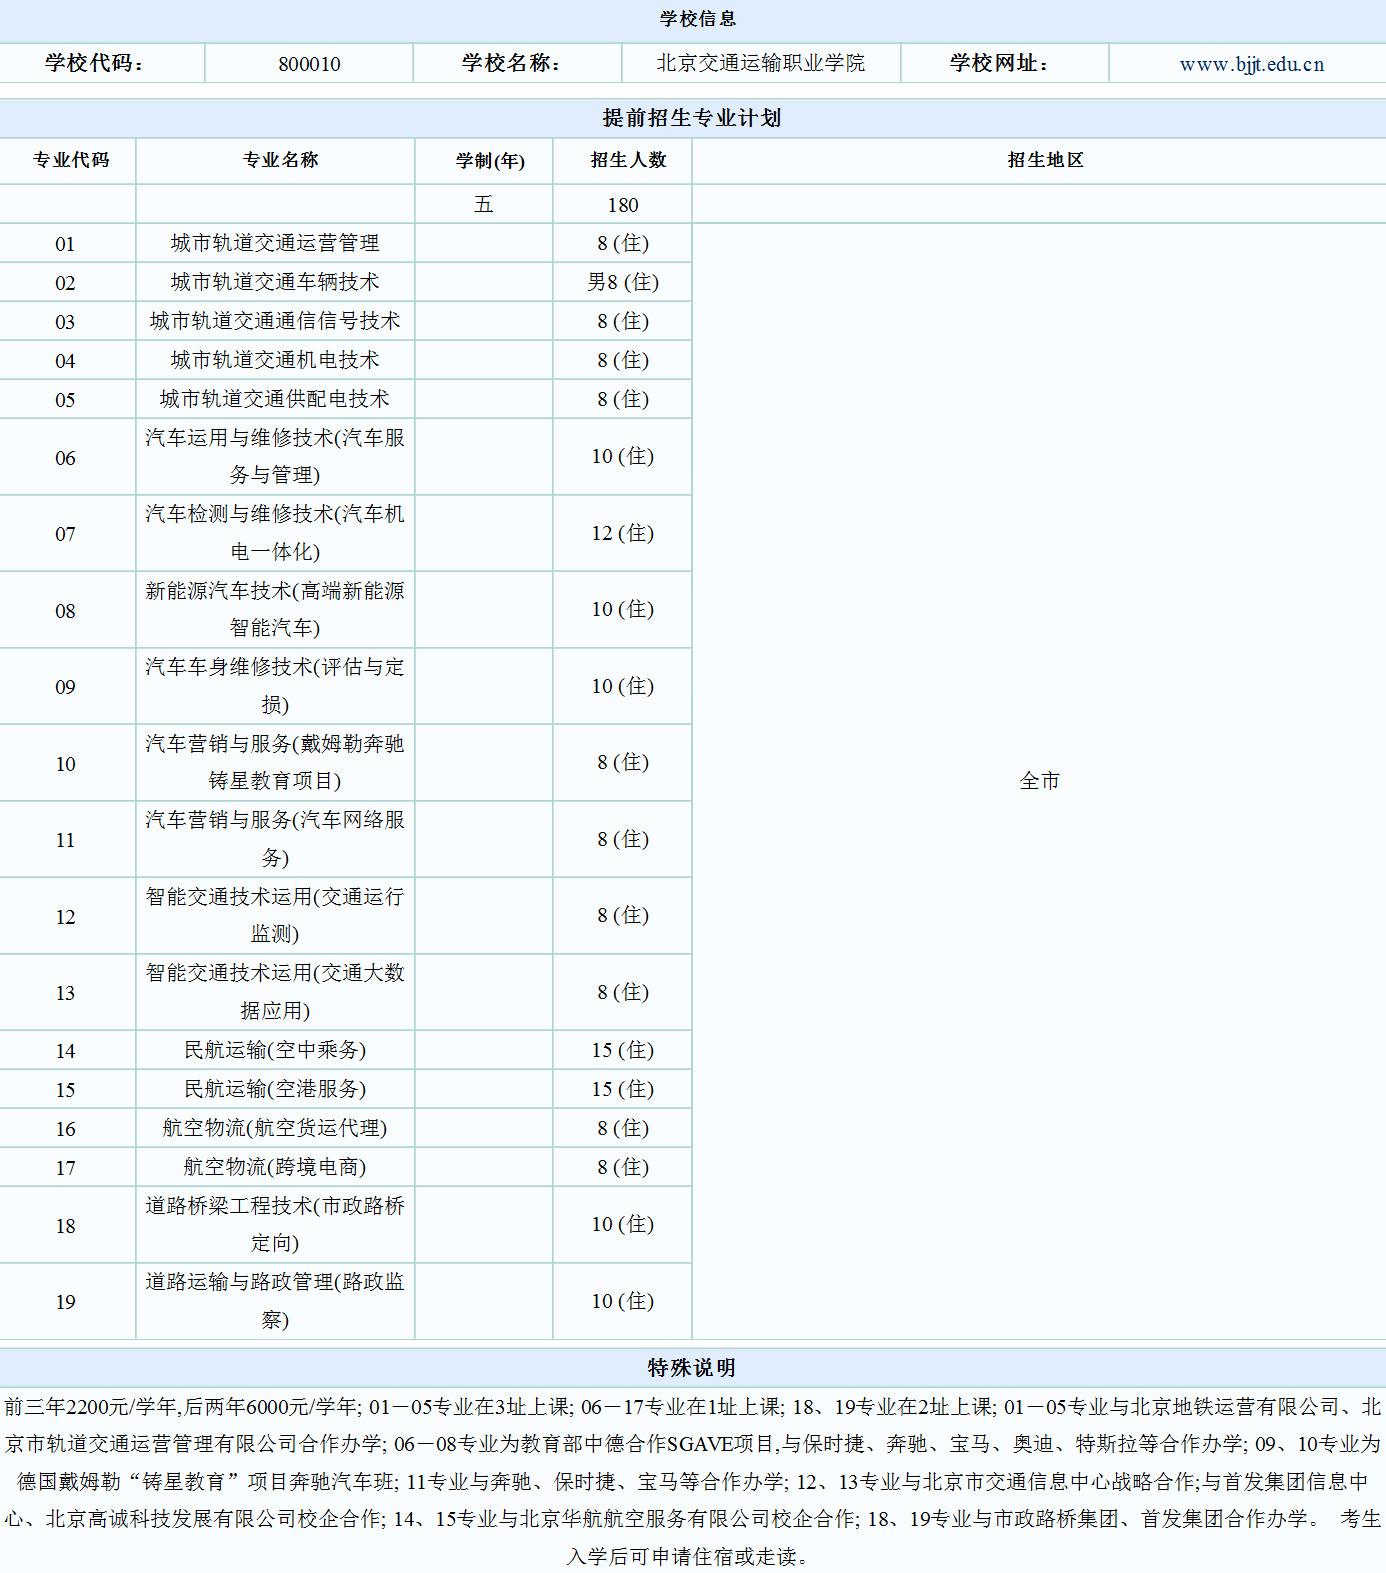 2018北京交通运输职业学院中考提前招生计划公布